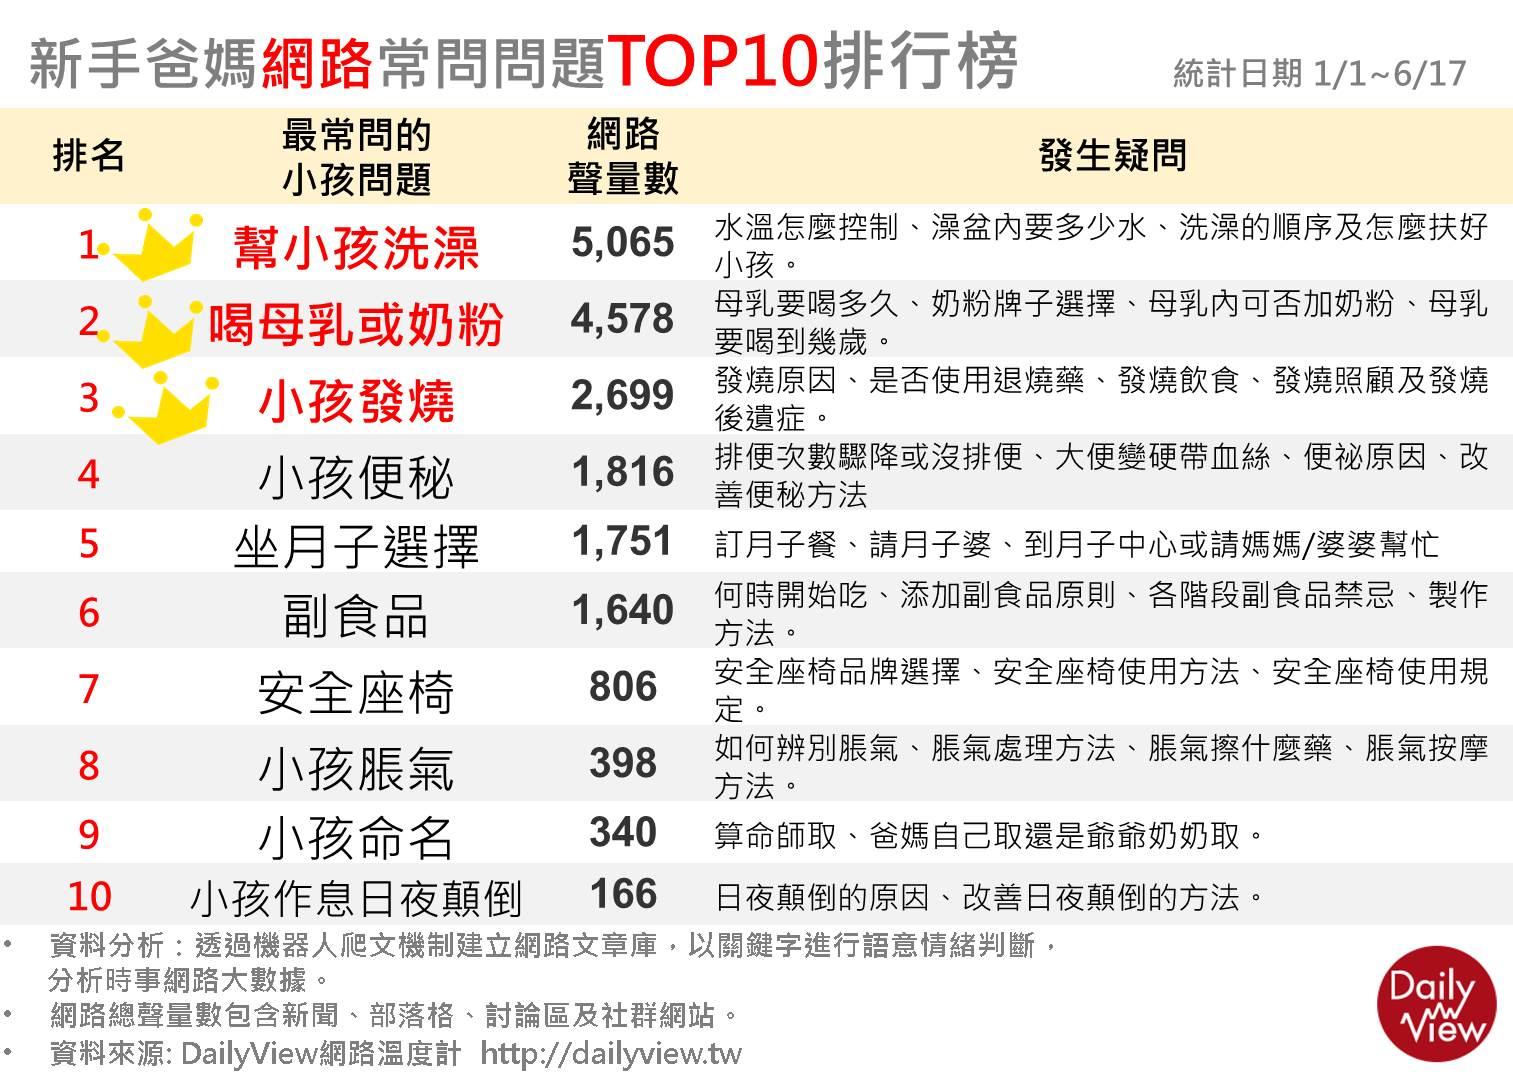 新手爸媽網路常問問題TOP10排行榜